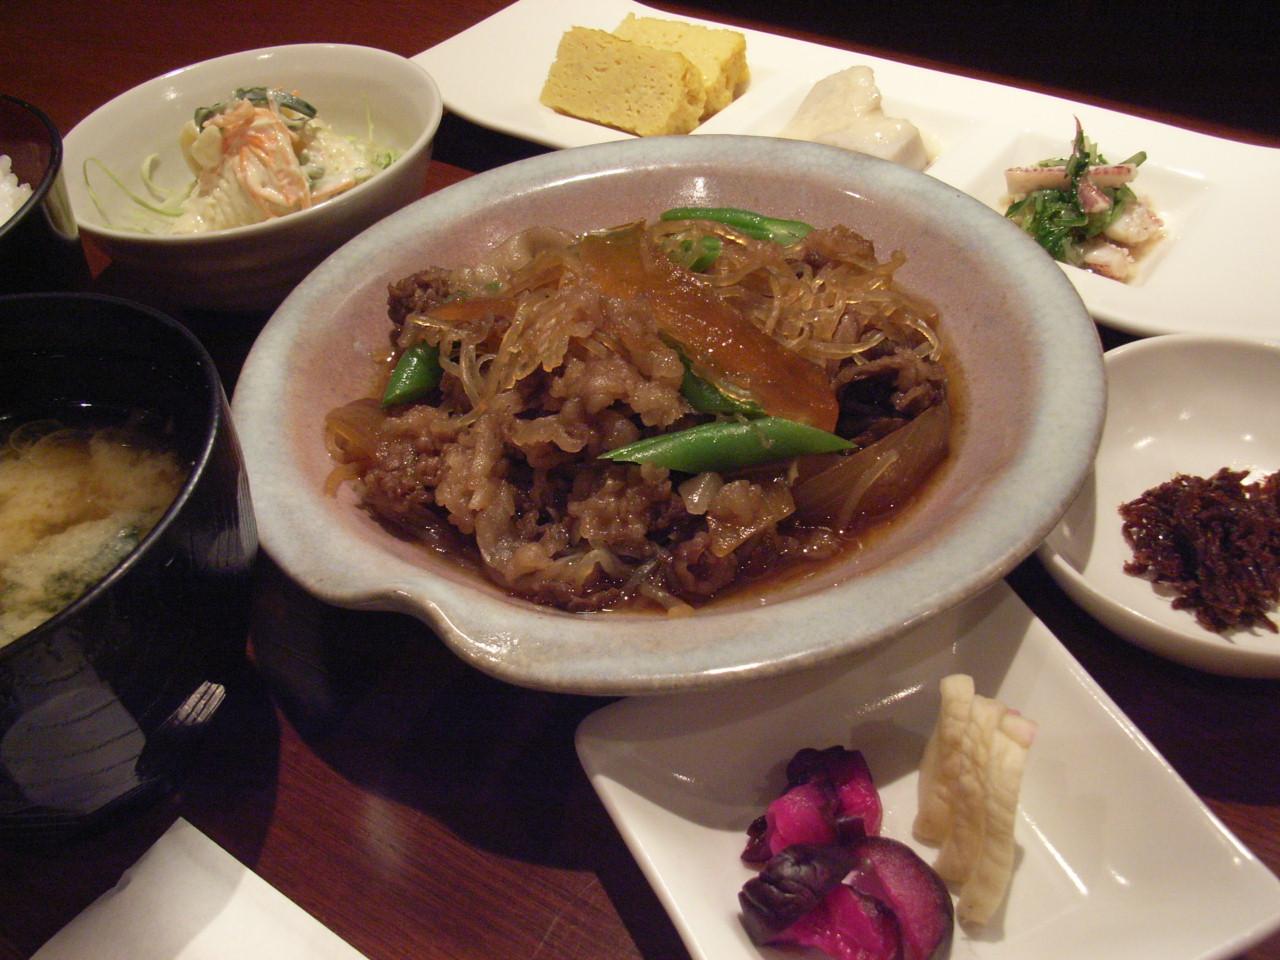 10月27日(金) コレは 牛丼のあたまライス_d0082944_16255643.jpg